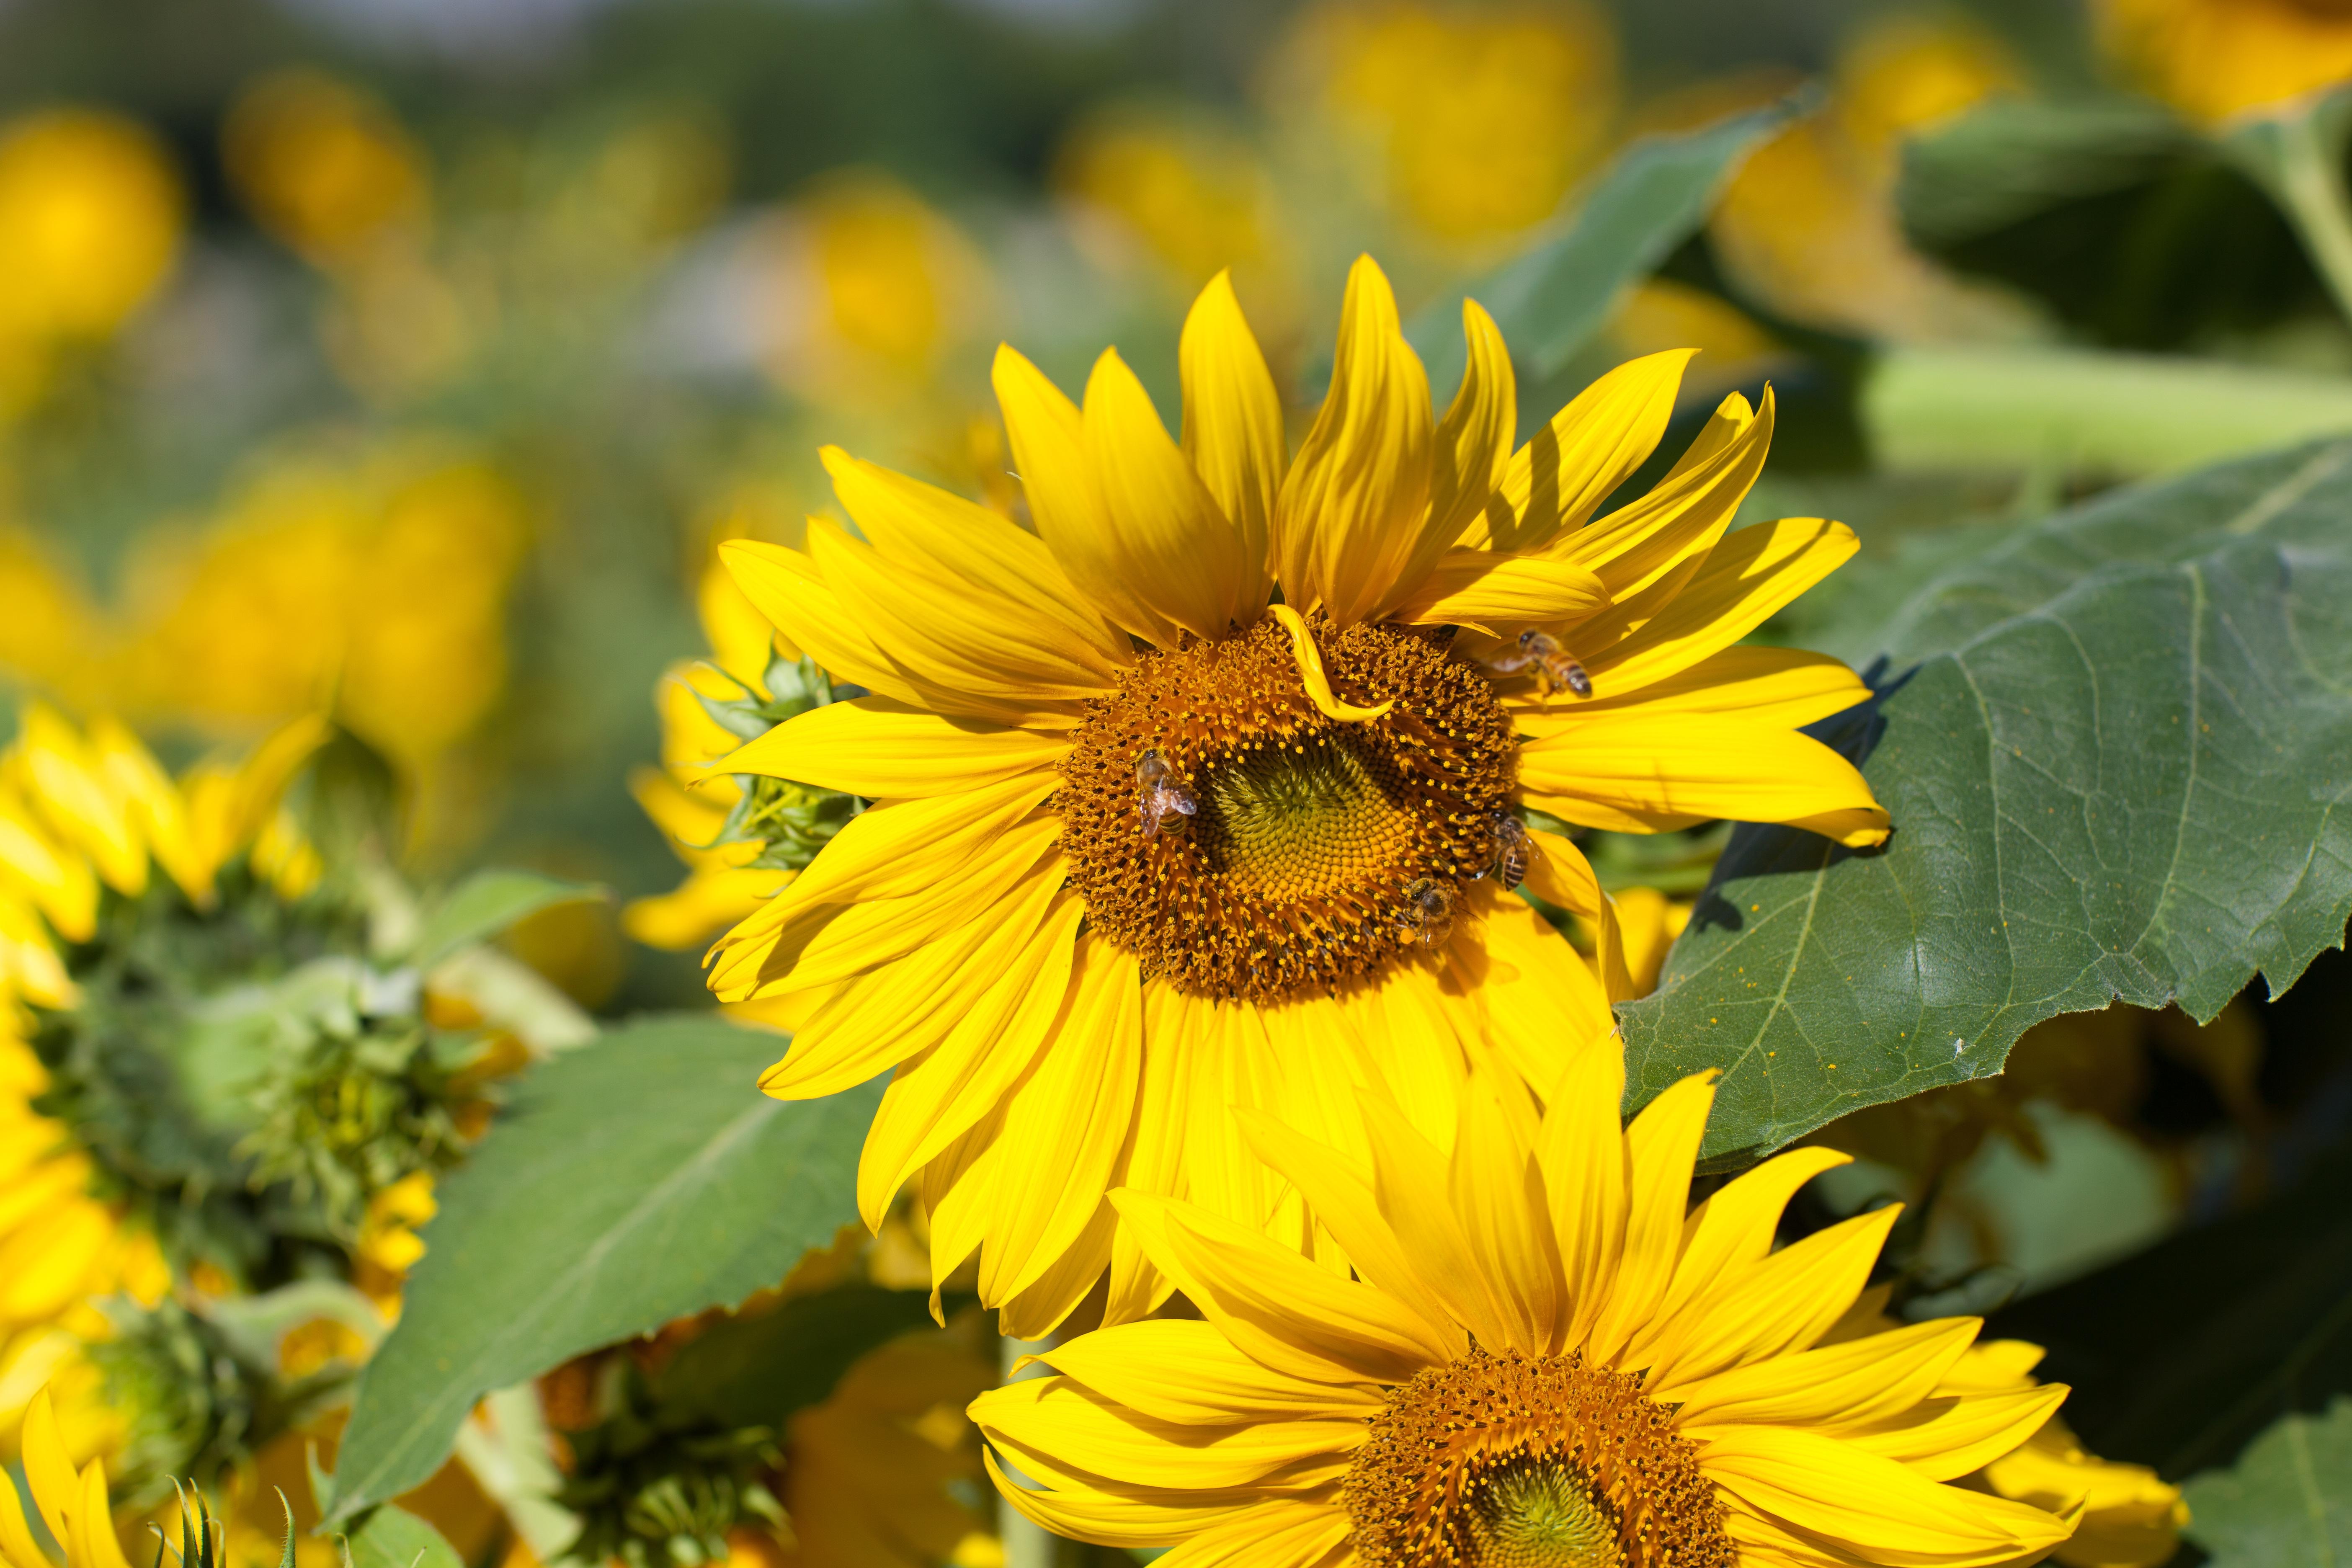 images gratuites fleur t pollen printemps jaune flore fleur sauvage abeille insectes. Black Bedroom Furniture Sets. Home Design Ideas